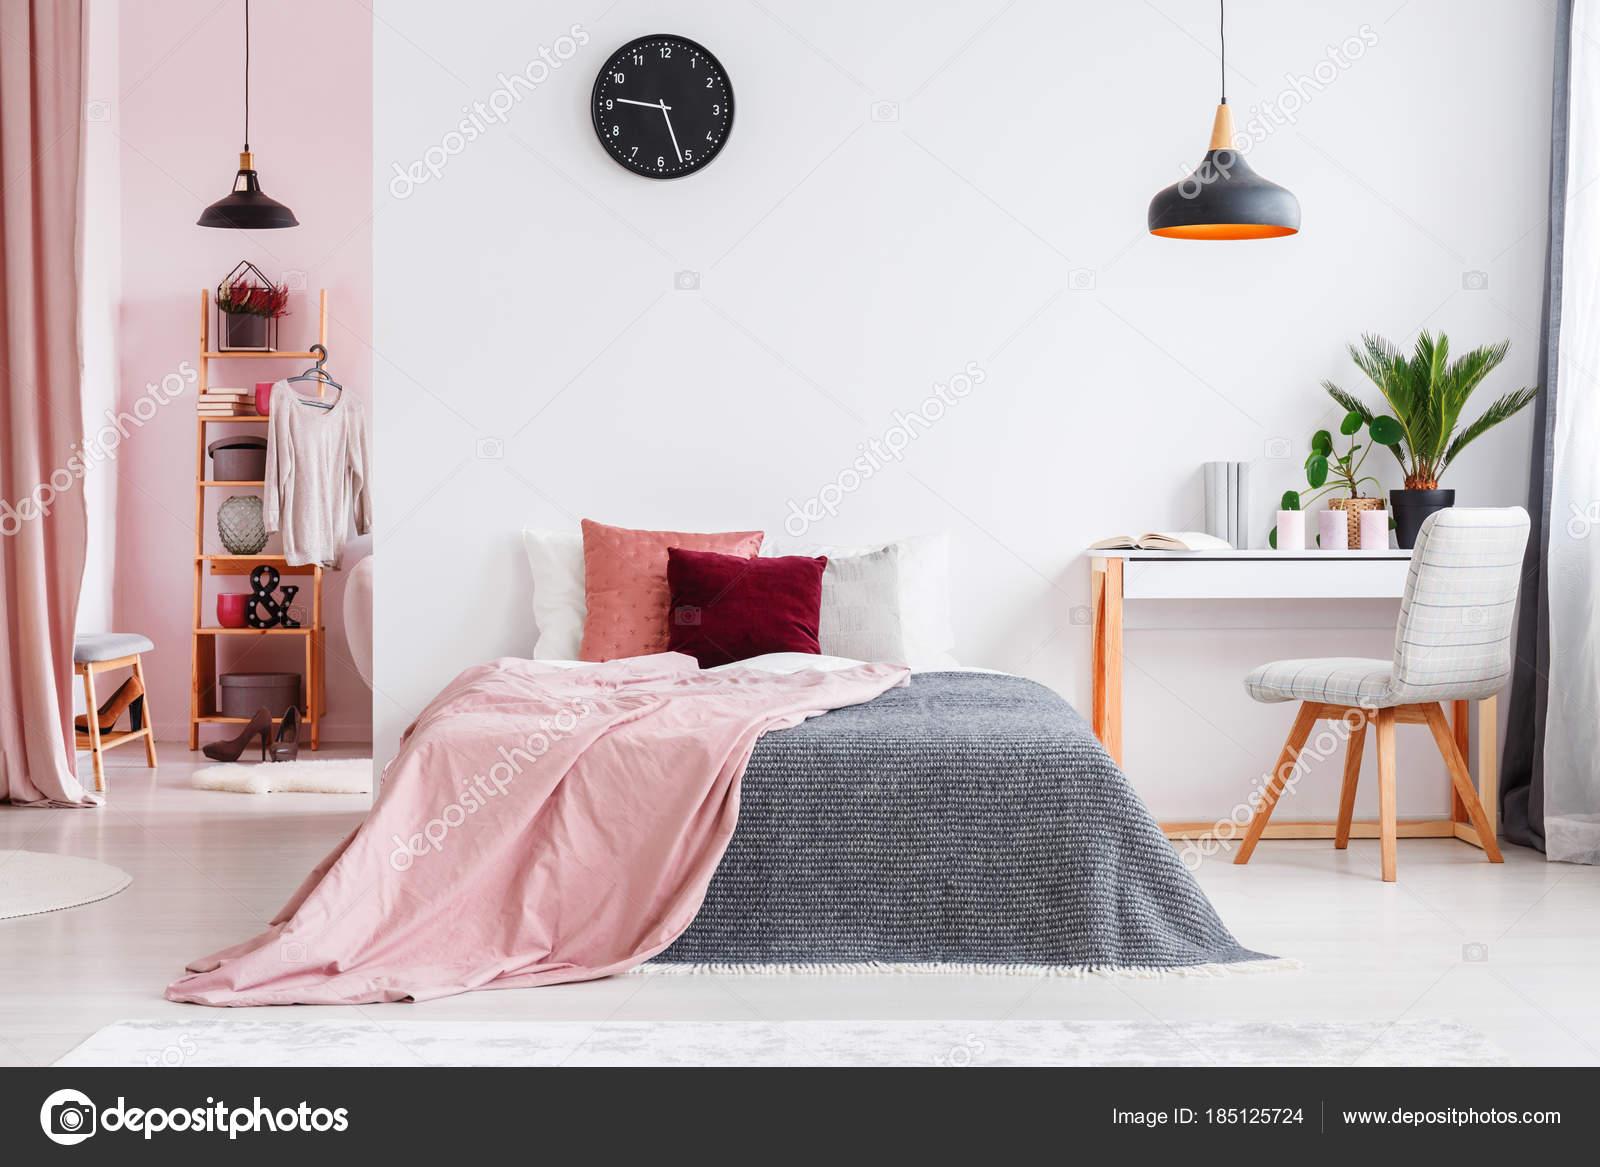 Intérieur de la chambre rose avec chaise u2014 photographie photographee